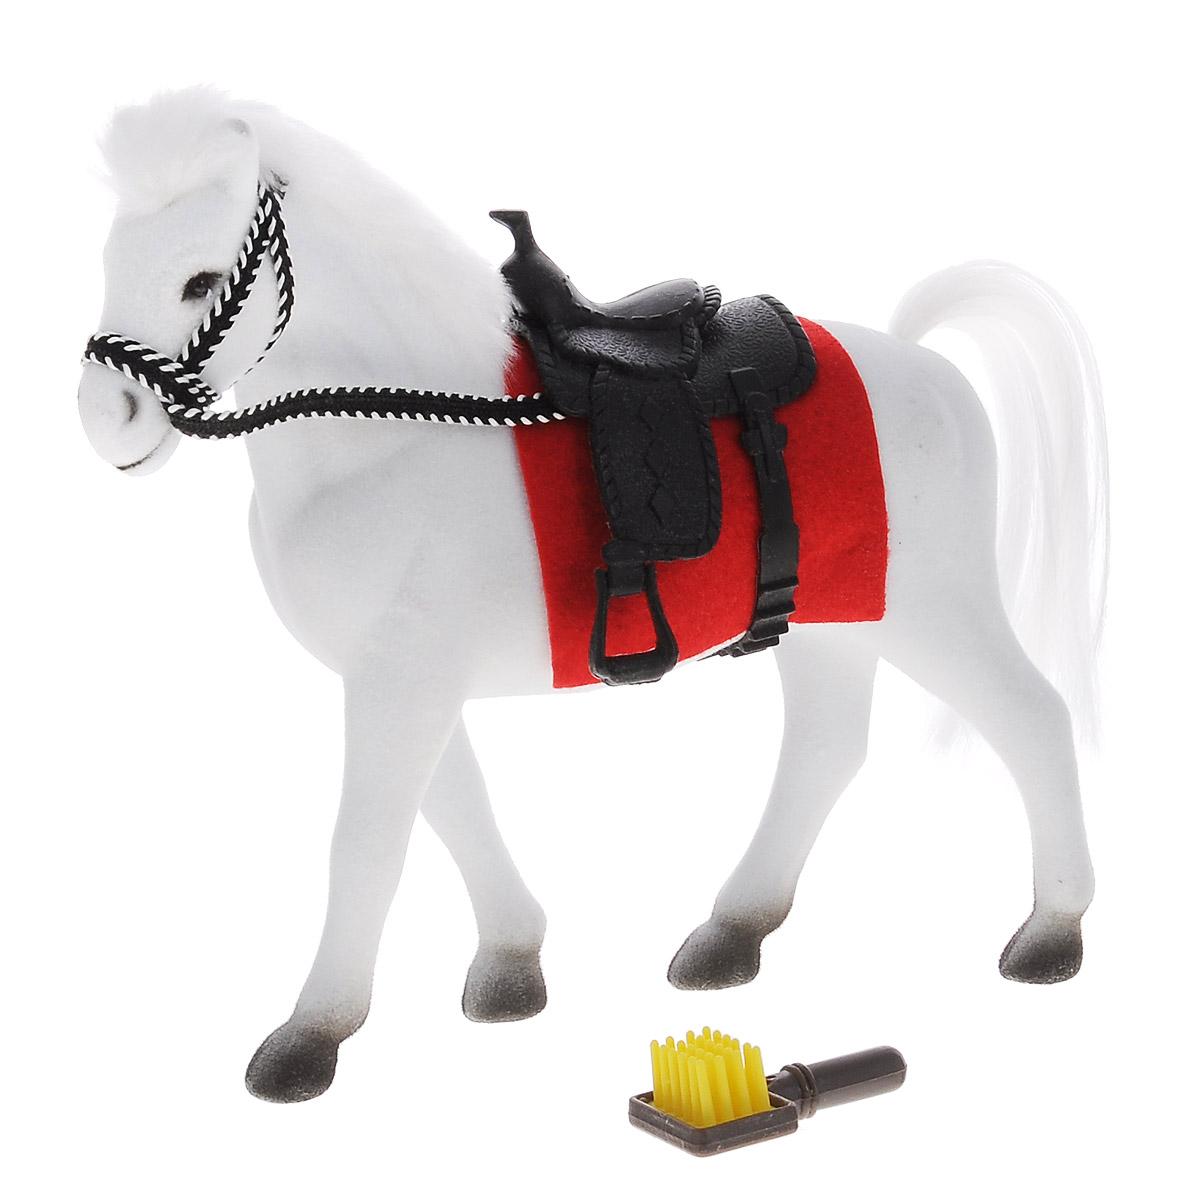 Играем вместе Фигурка Лошадь цвет белый 16 см игровые фигурки играем вместе лошадь 14см